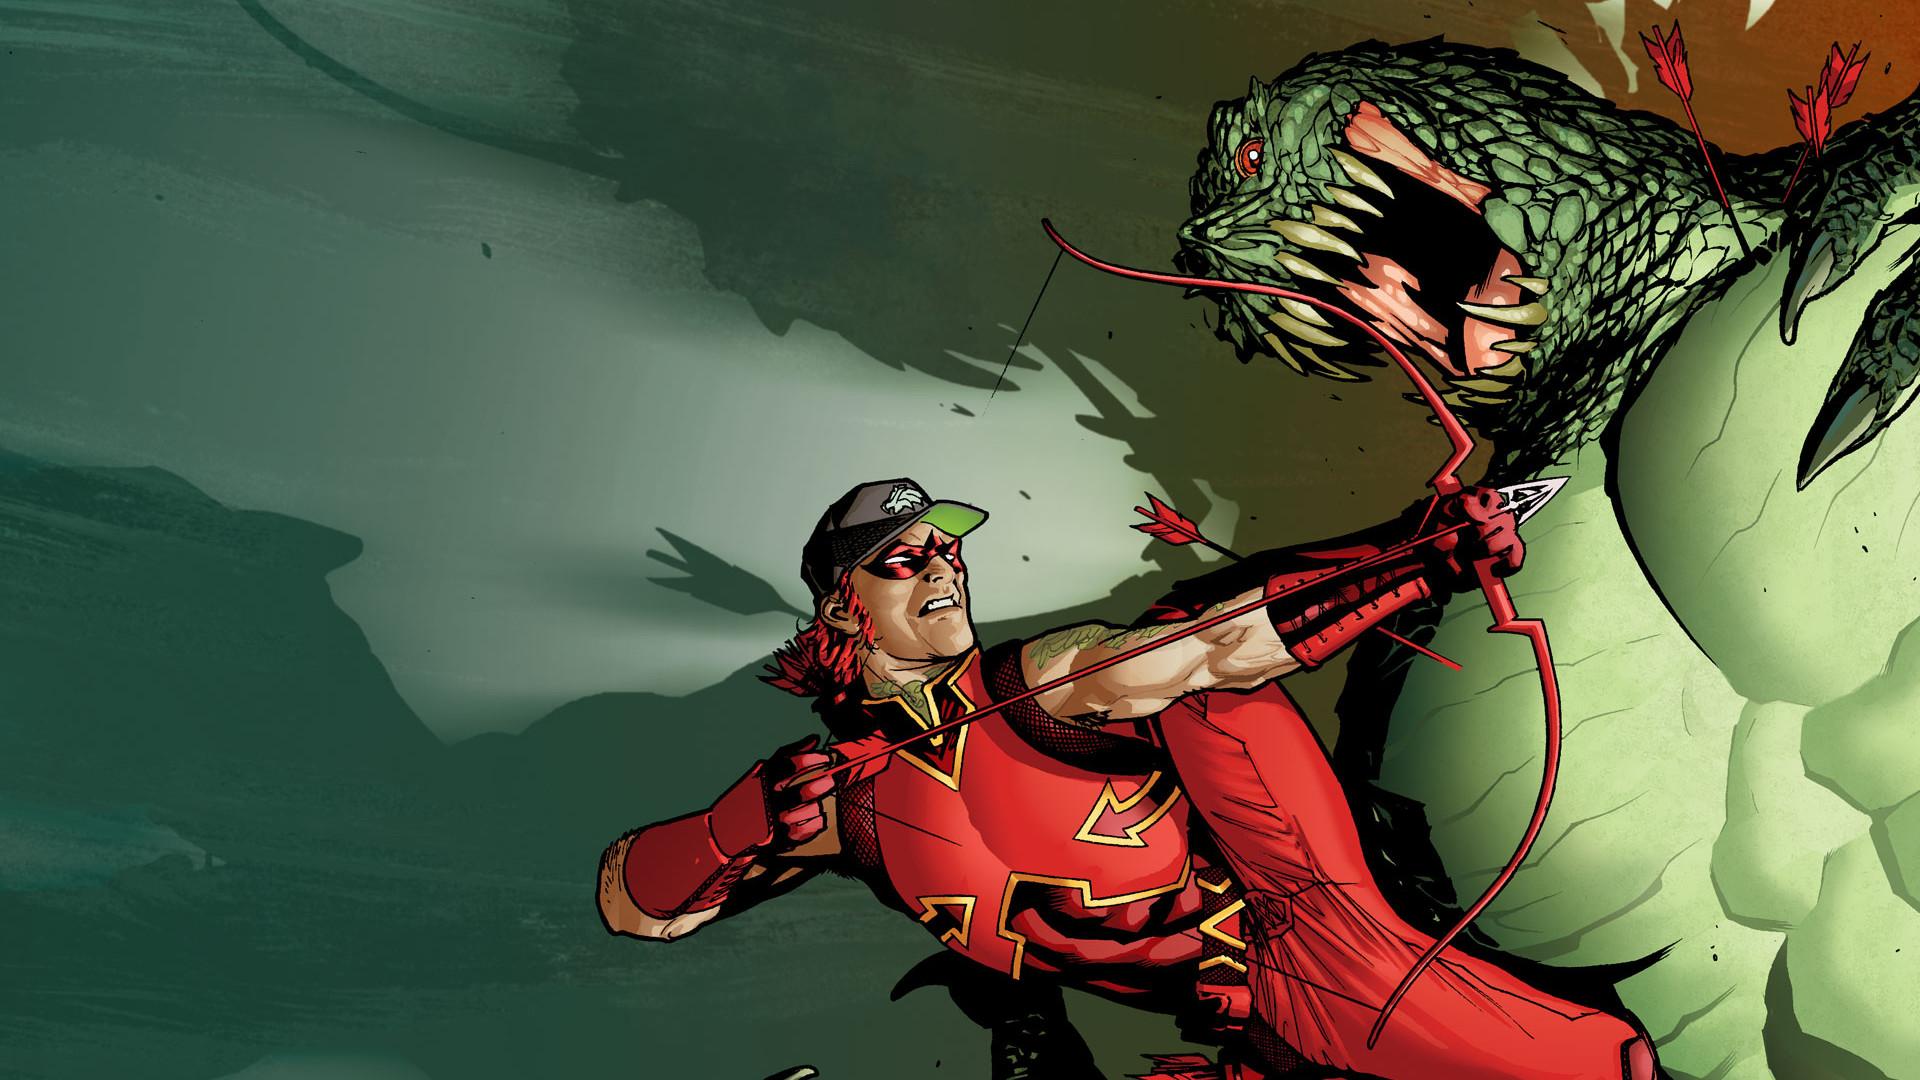 DC-comics Bow Arrow Monster wallpaper | | 73726 | WallpaperUP